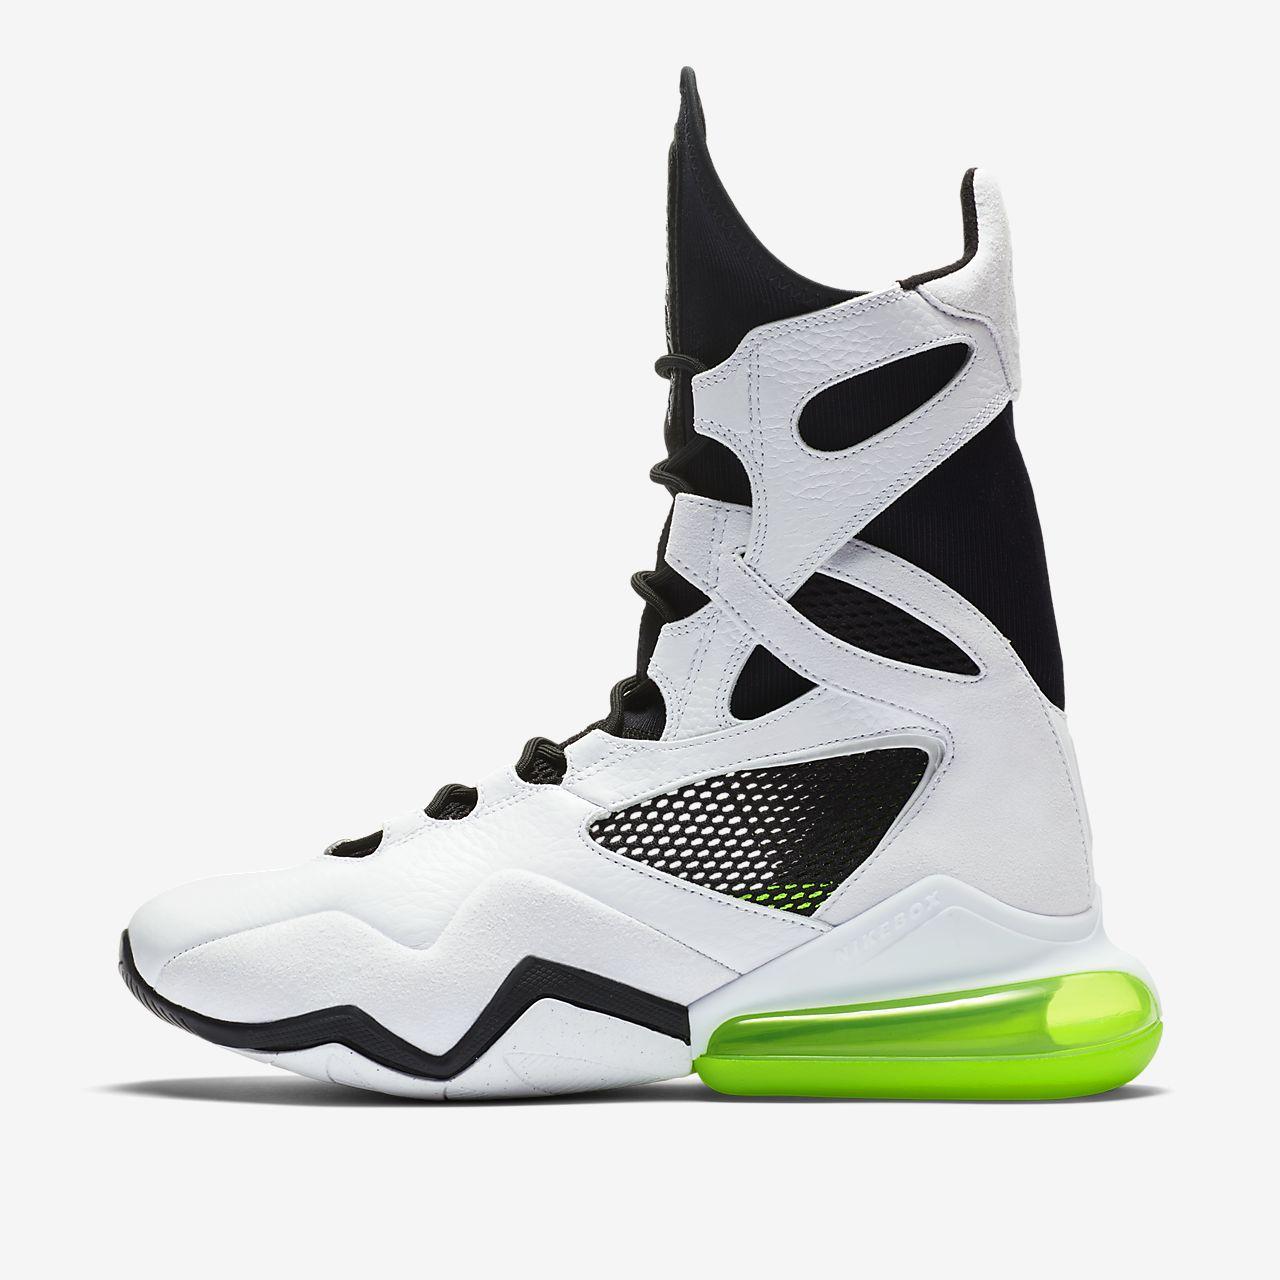 Γυναικείο παπούτσι προπόνησης Nike Air Max Box